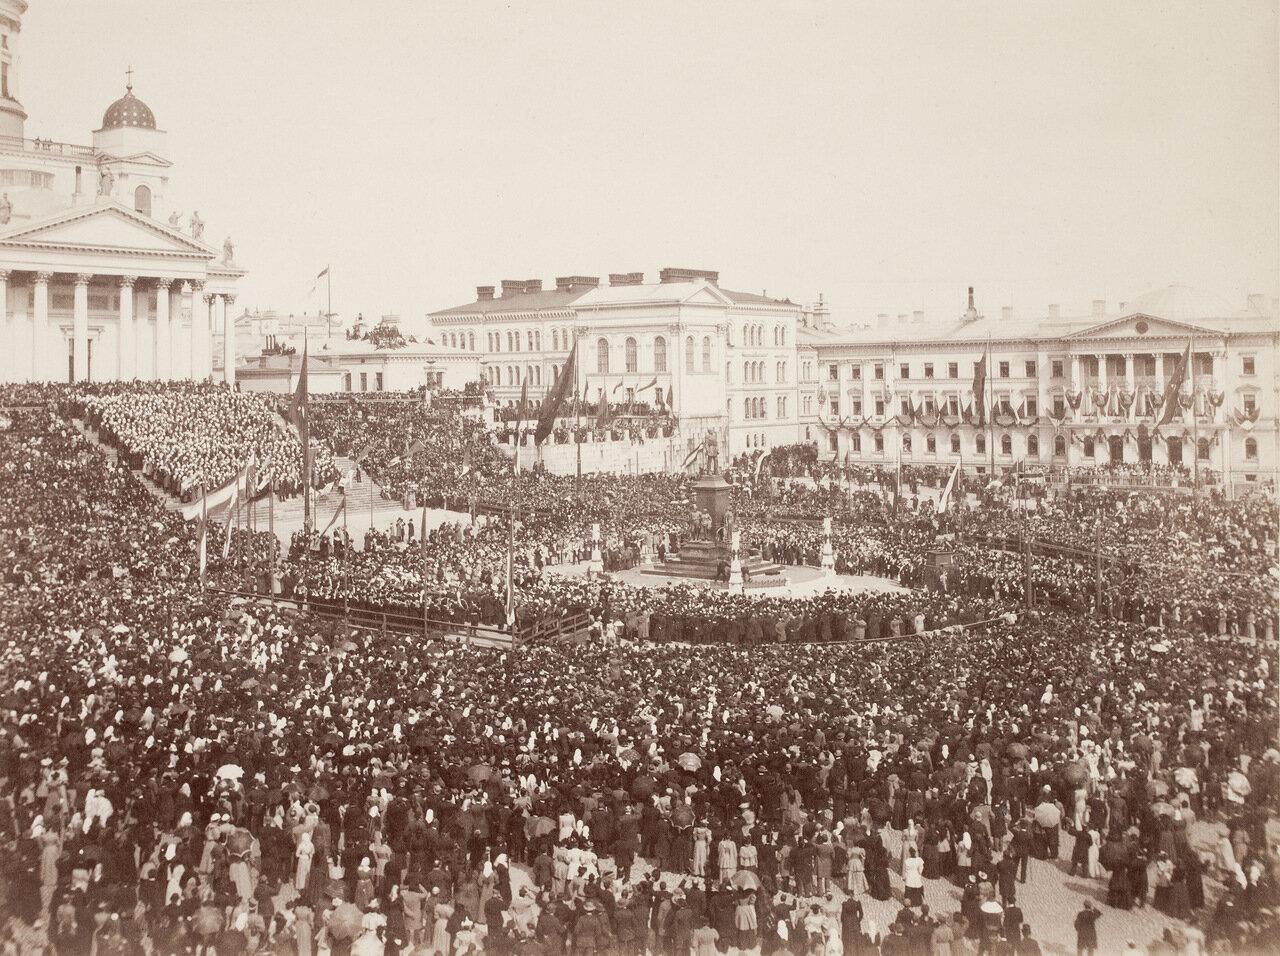 Открытие Александровского памятника в Гельсингфорсе 29.4.1894